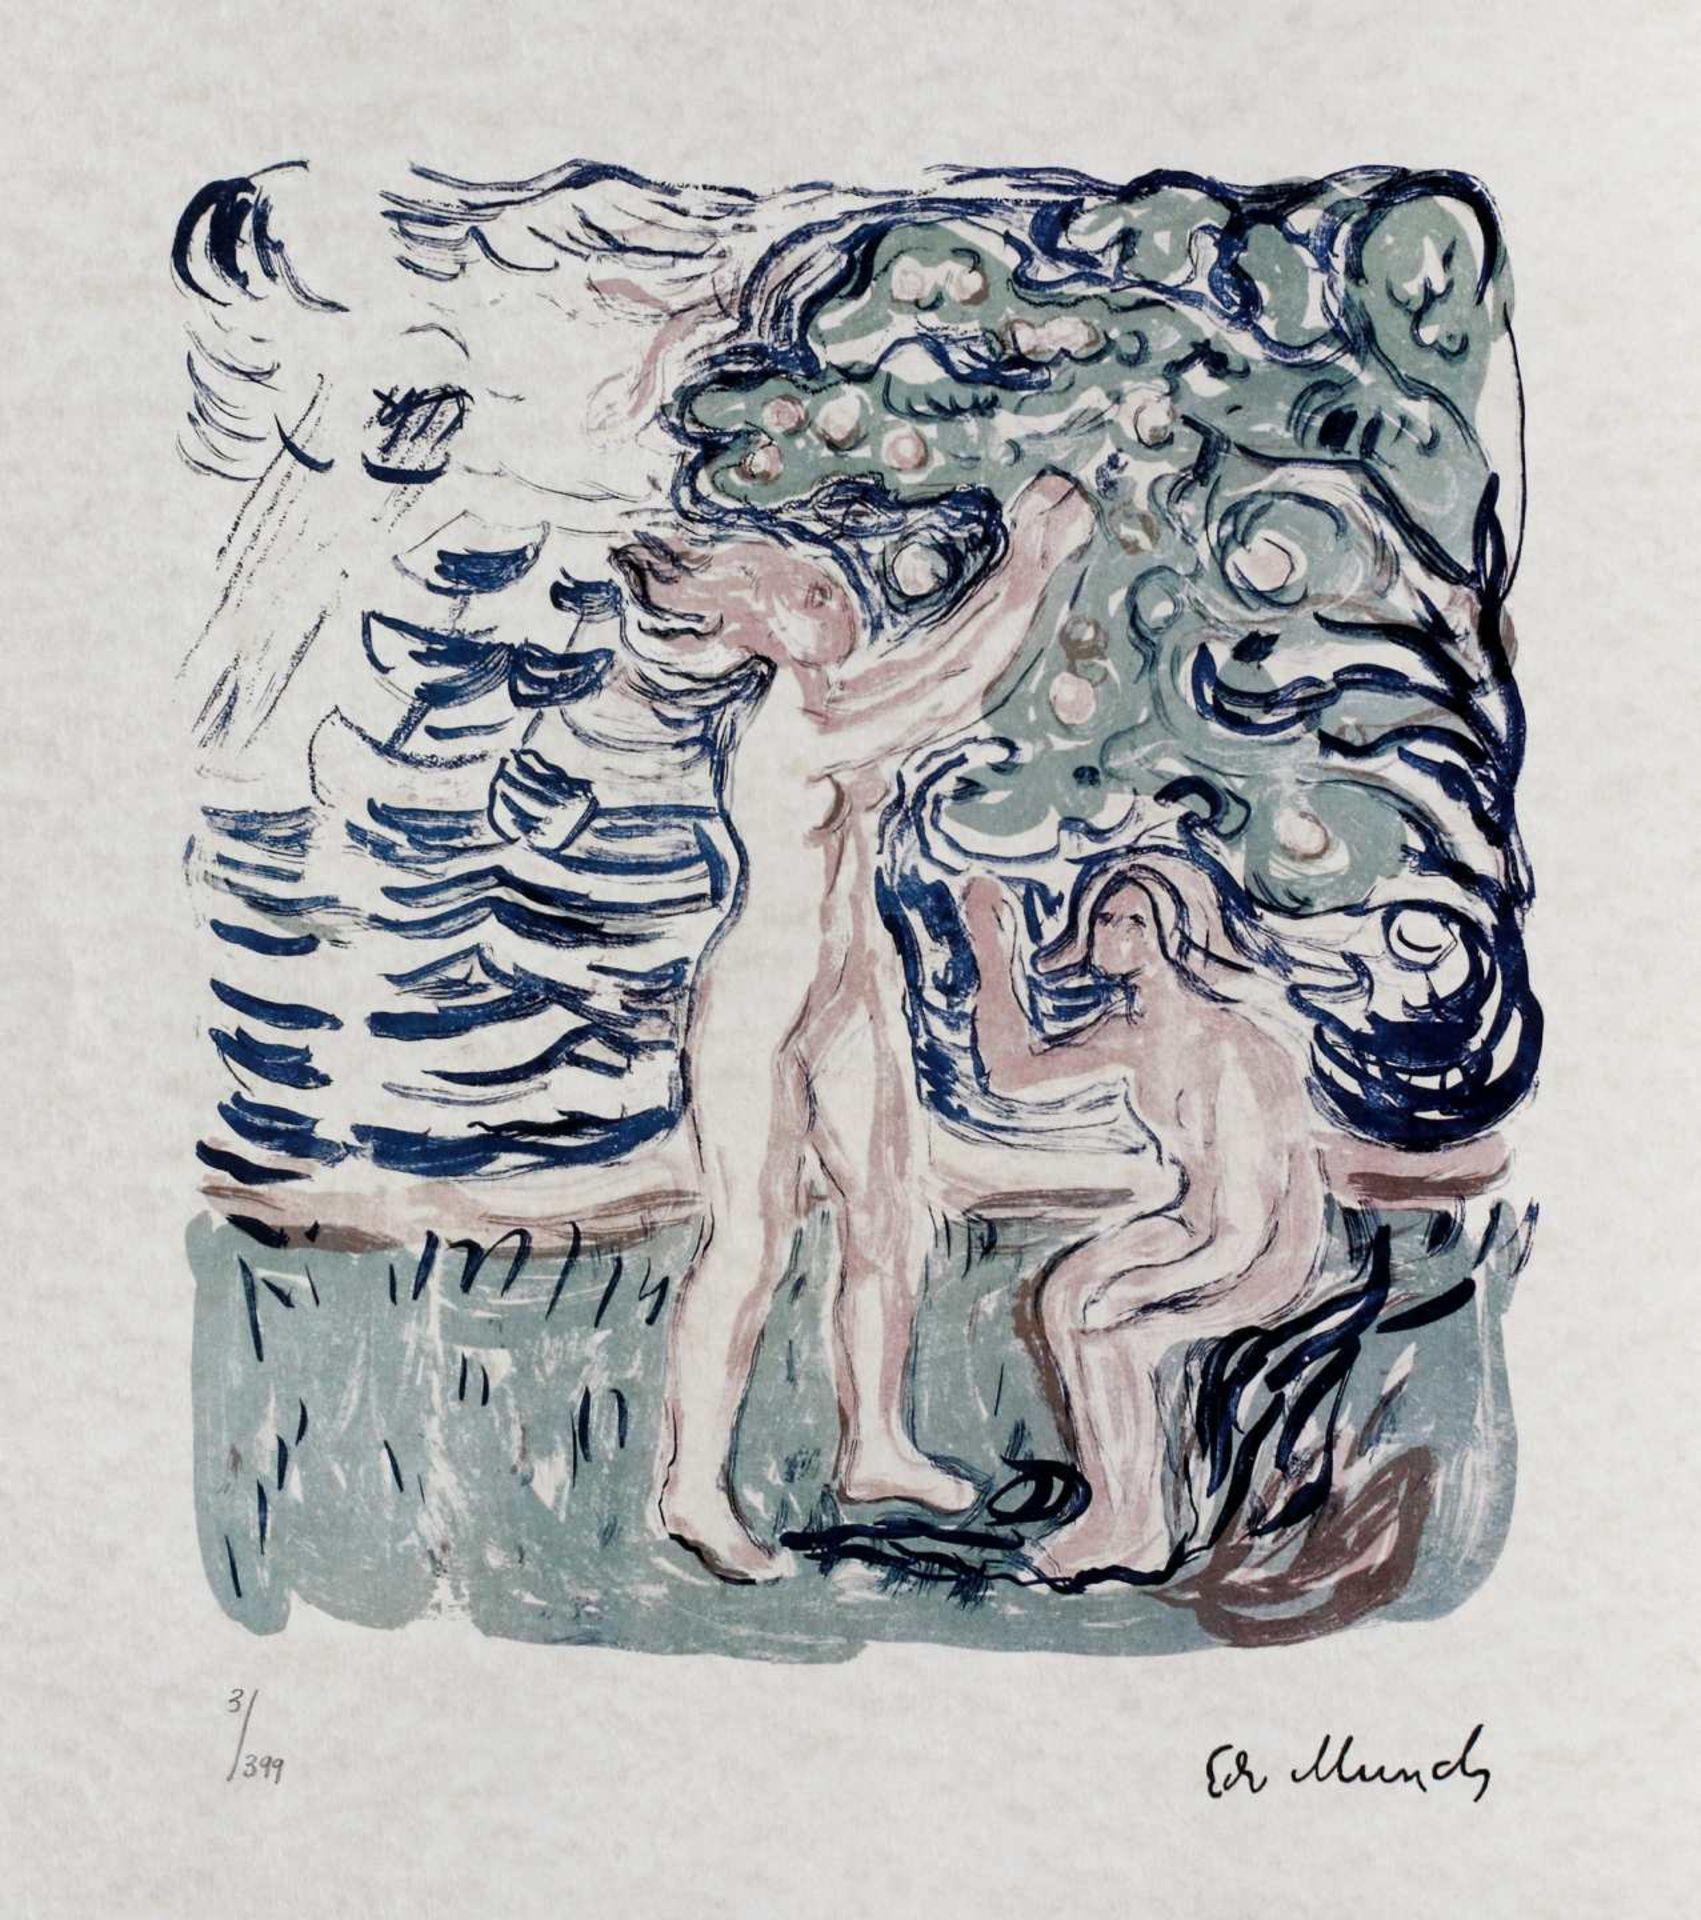 Edvard Munch, NeutraliaEdvard Munch, Neutralia, chromolithography, 23 × 21 cm, signed bottom r